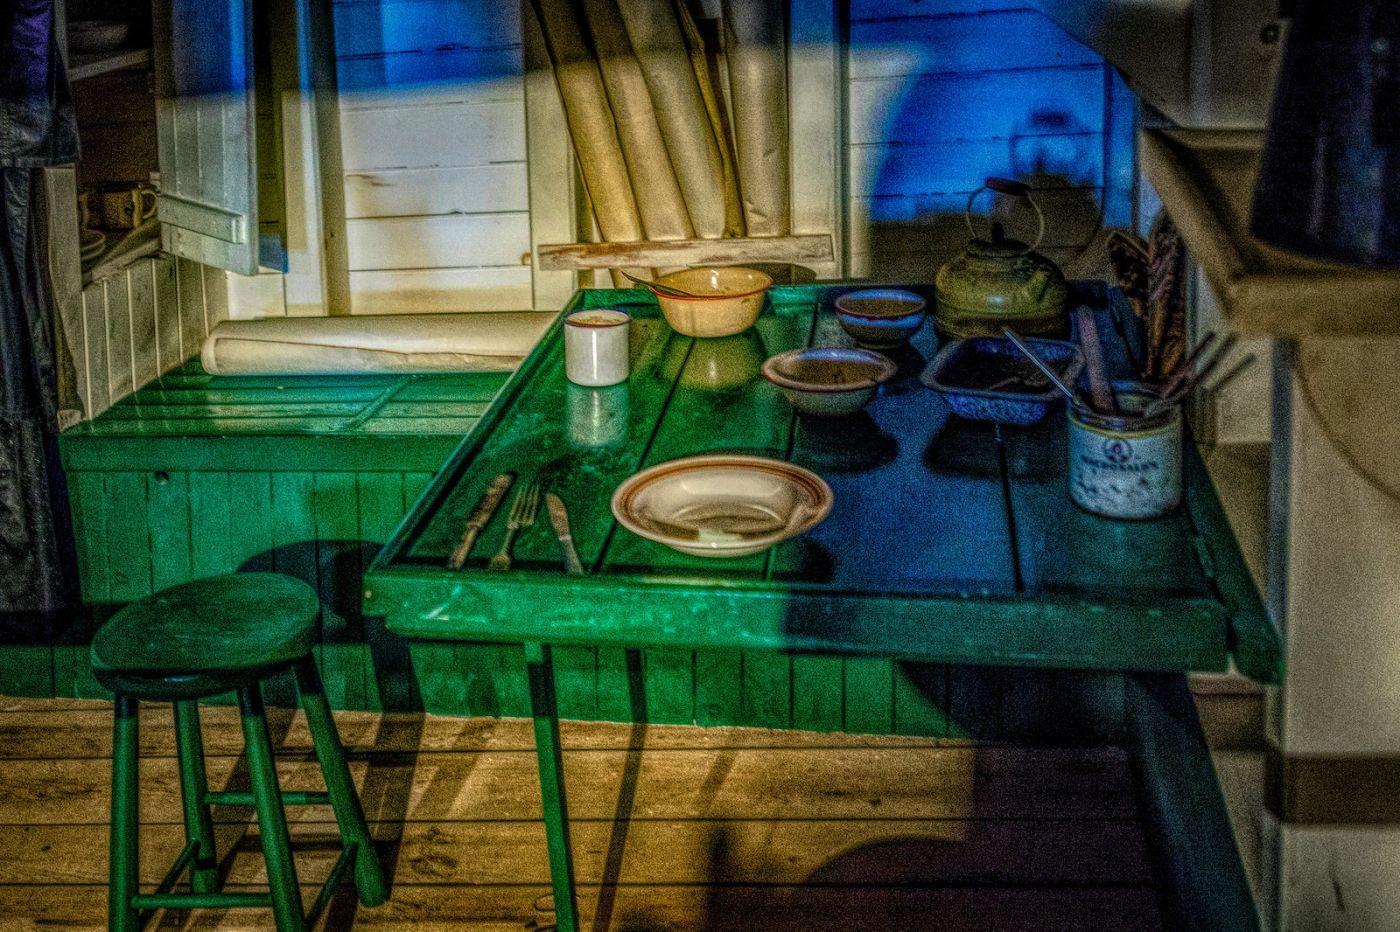 加拿大Halifax大西洋海事博物馆,展品丰富_图1-18